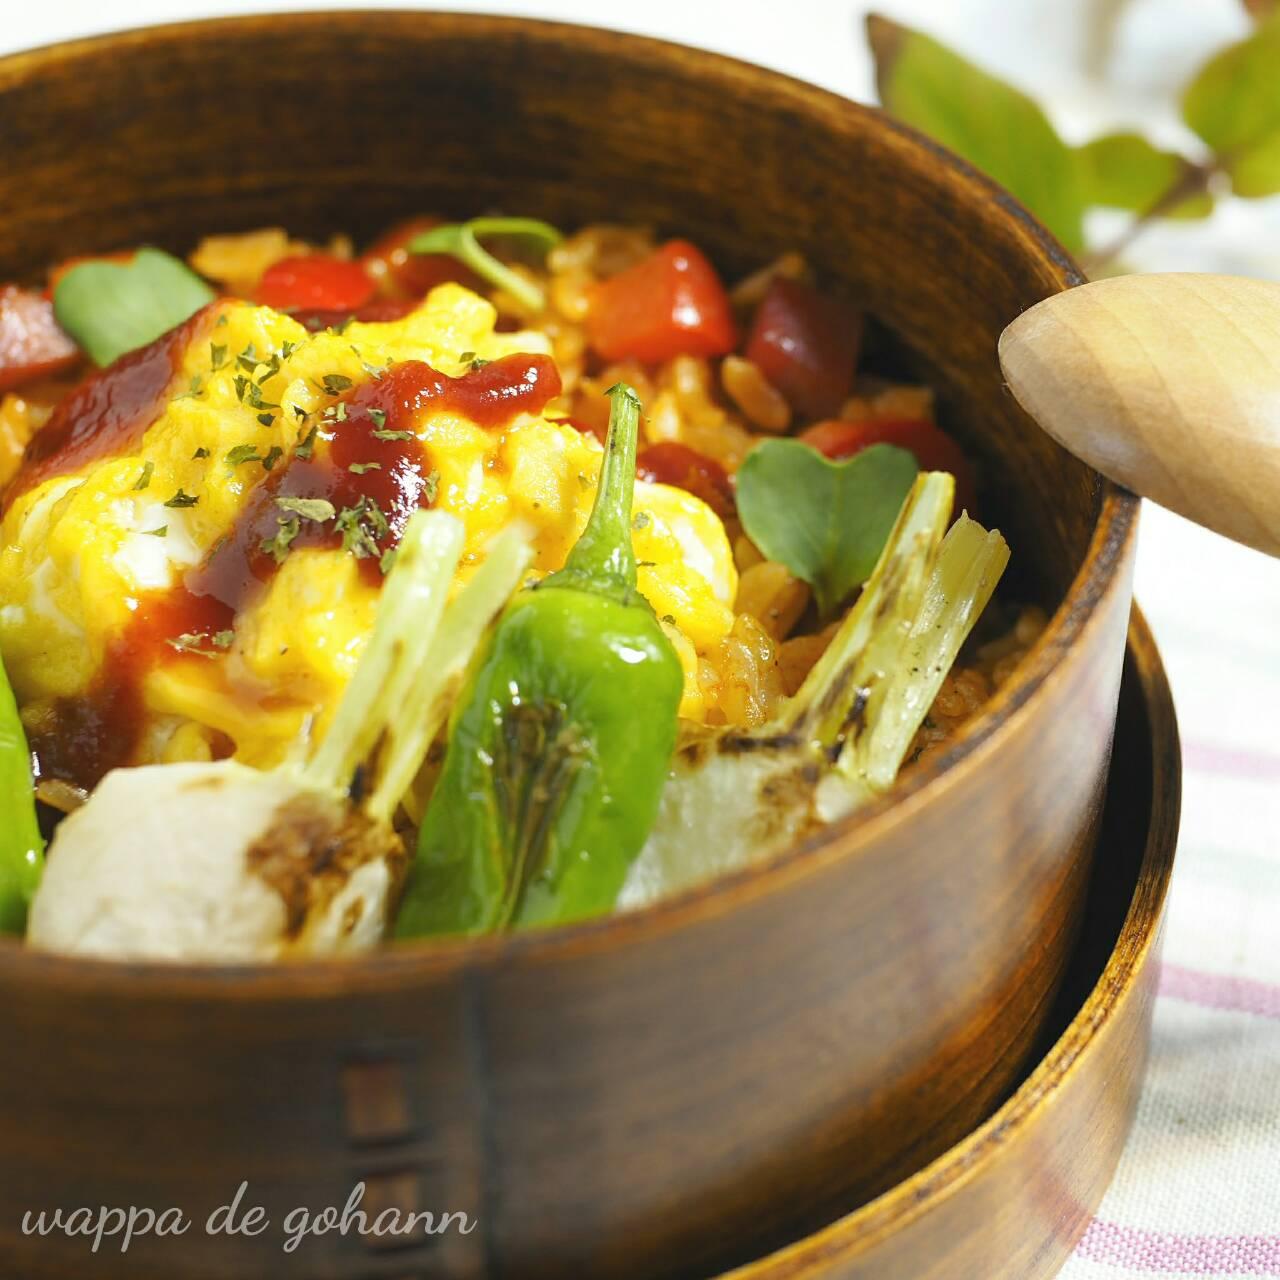 トロトロ卵のオムライス弁当